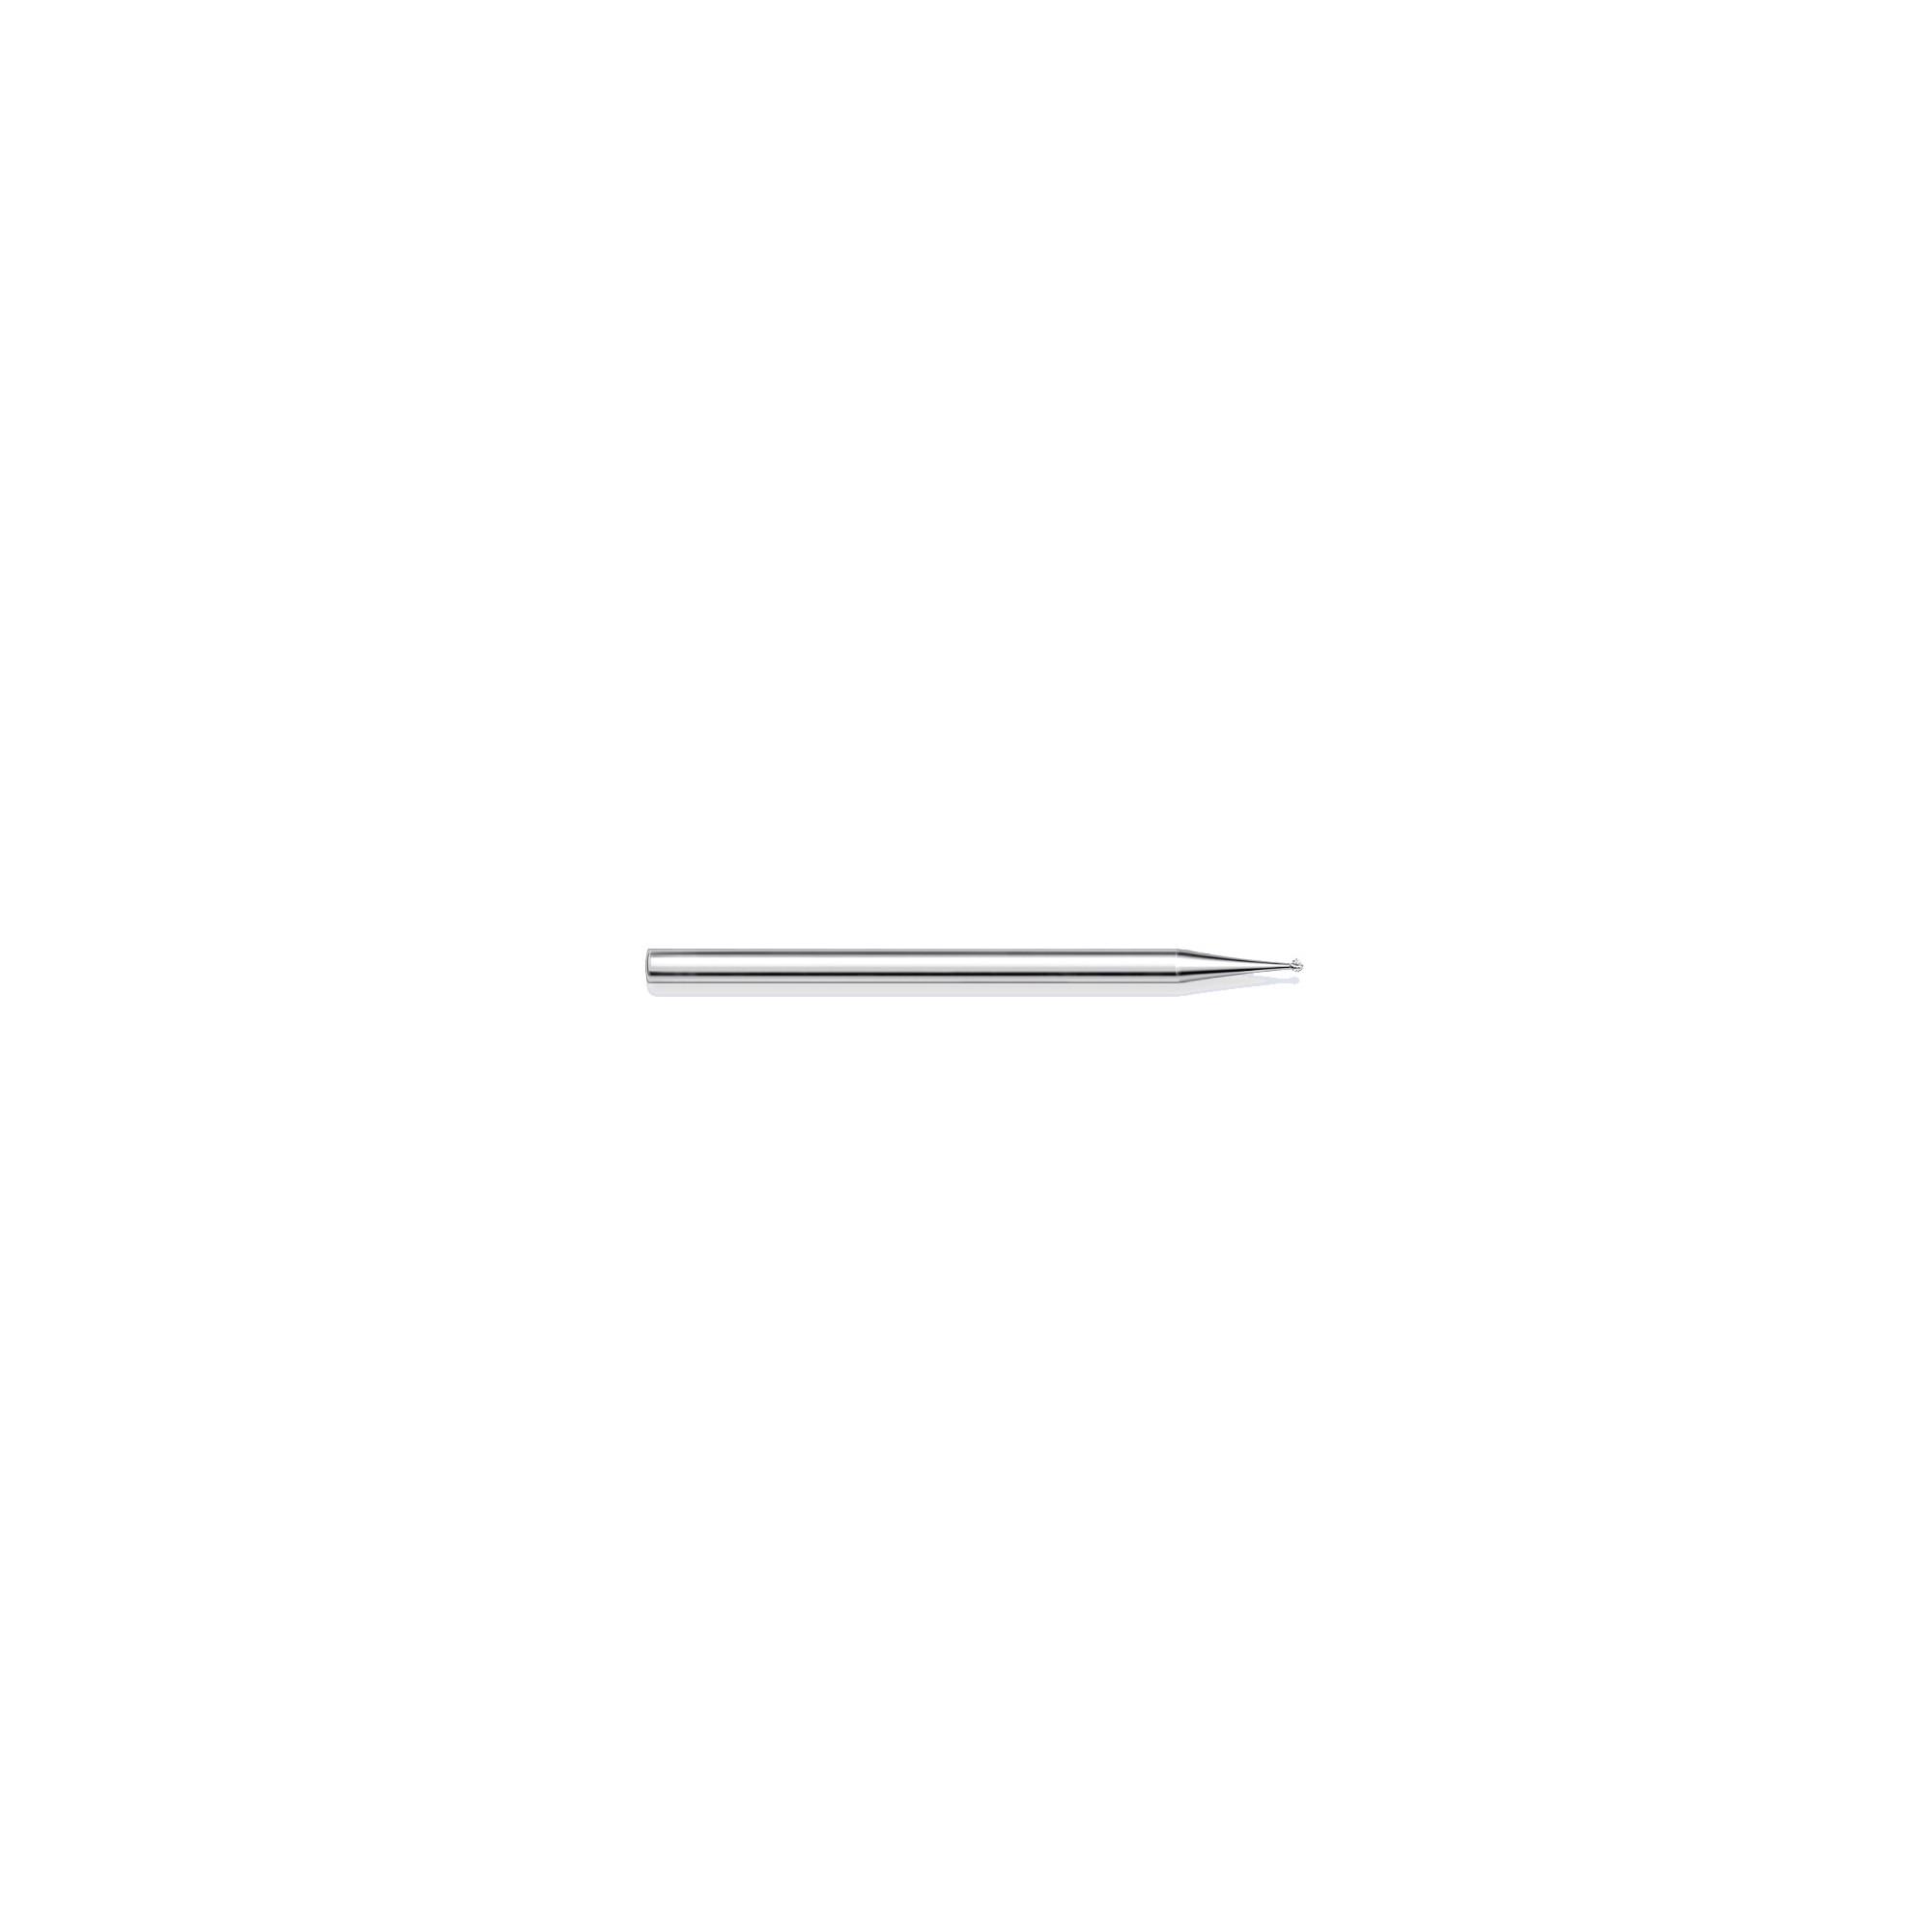 Fraise 11RS - Acier inoxydable - Enucléation des cors - 0,9 mm